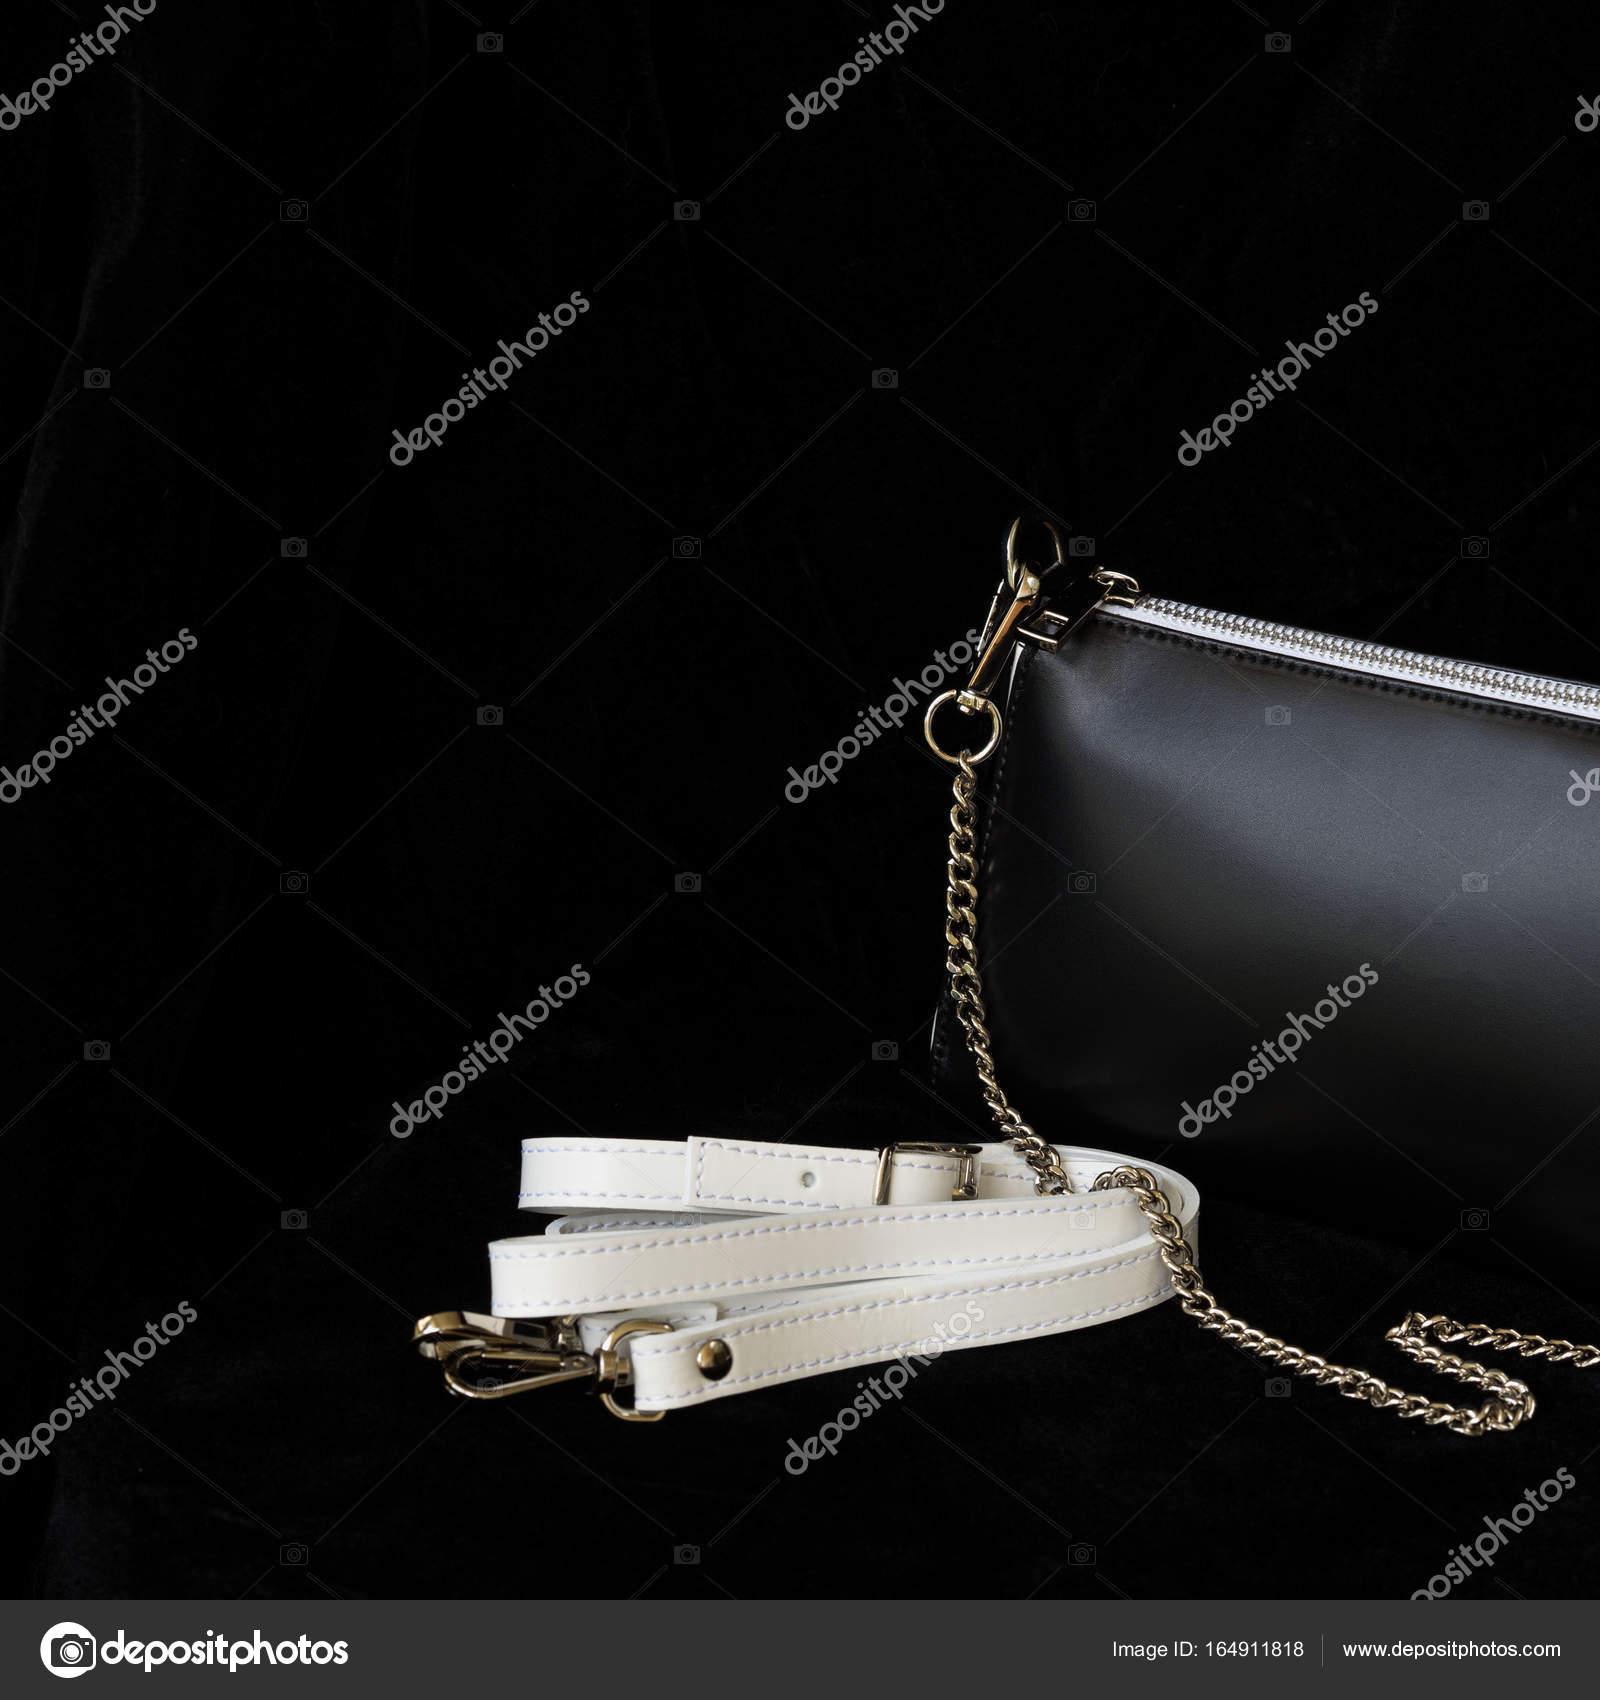 5fe947aa6a Gros plan detal du sac à main en cuir, combinaison toujours classique,  couleur noir et blanche avec courroie et chaîne. Pour un modèle moderne,  papier peint ...